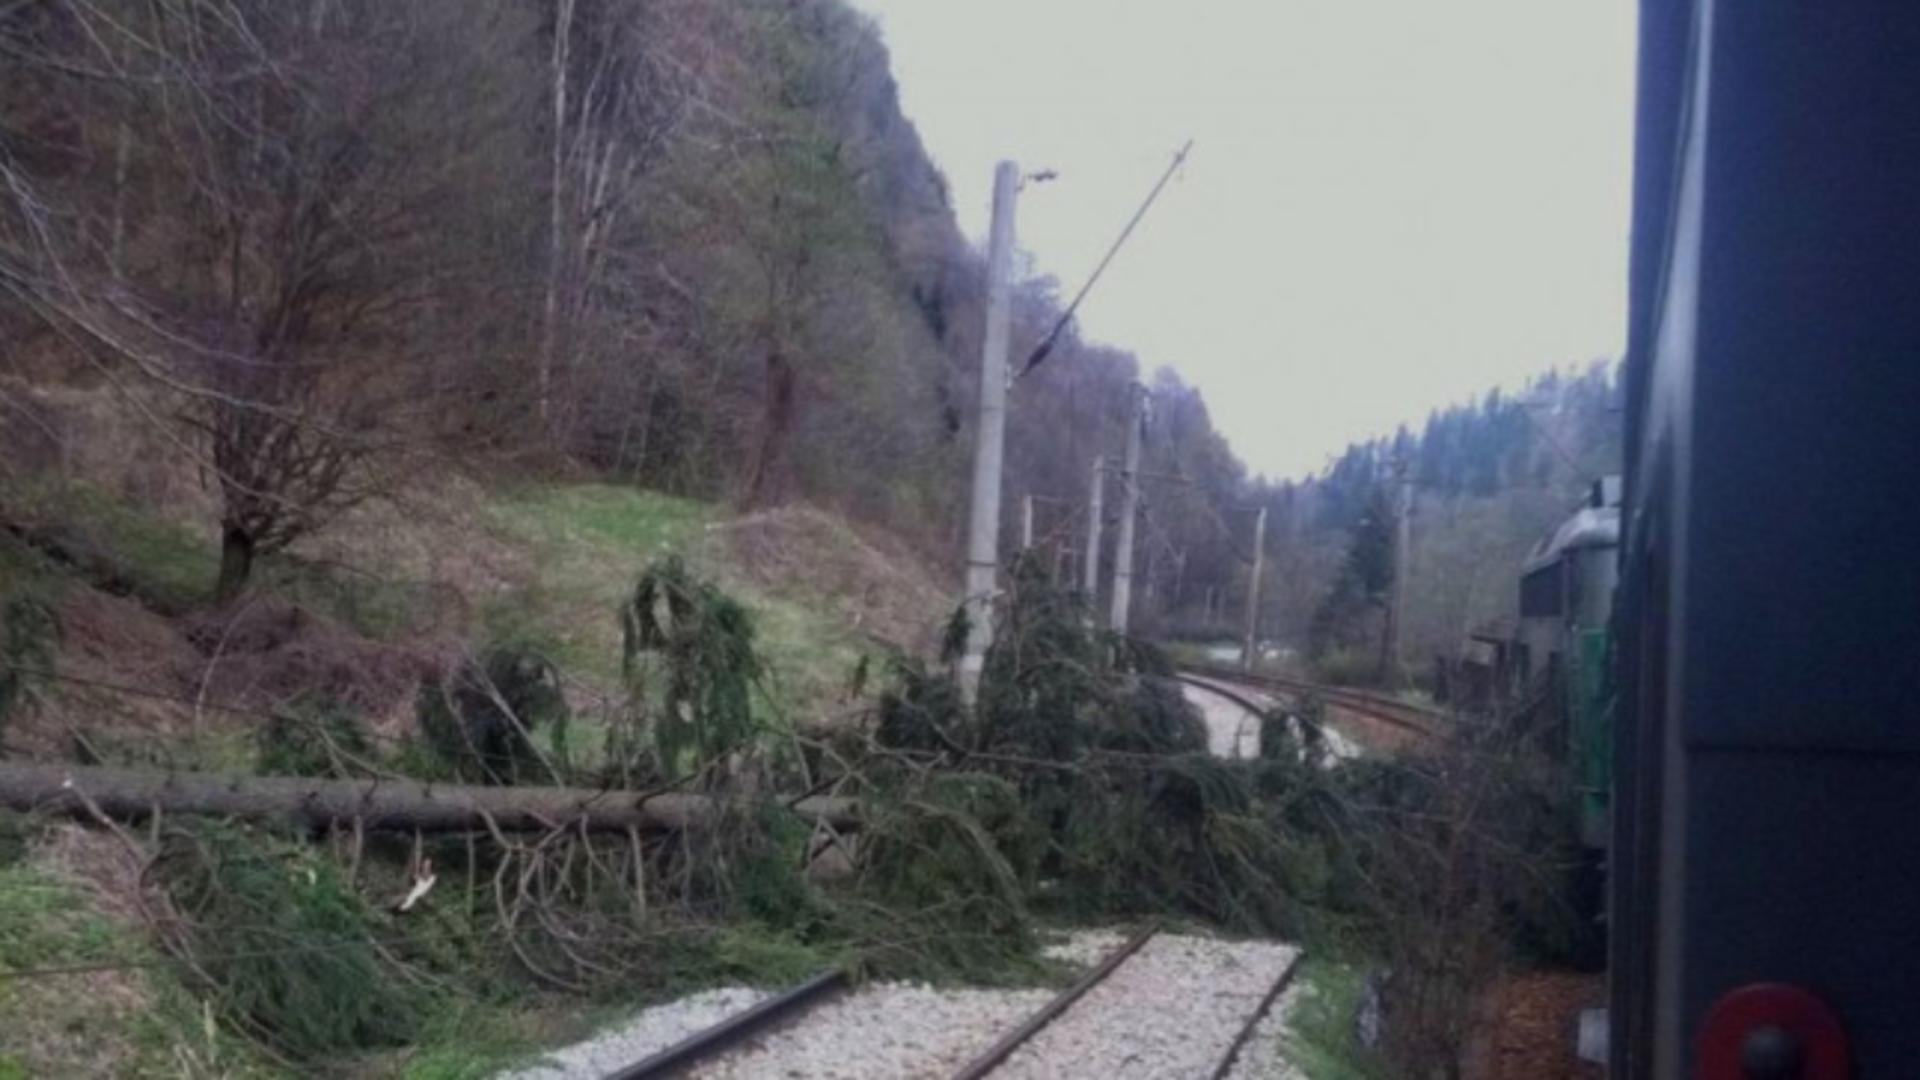 Trenuri de călători BLOCATE în Cluj, Iași, Brașov și Mureș din cauza COPACILOR prăbușiți pe calea ferată